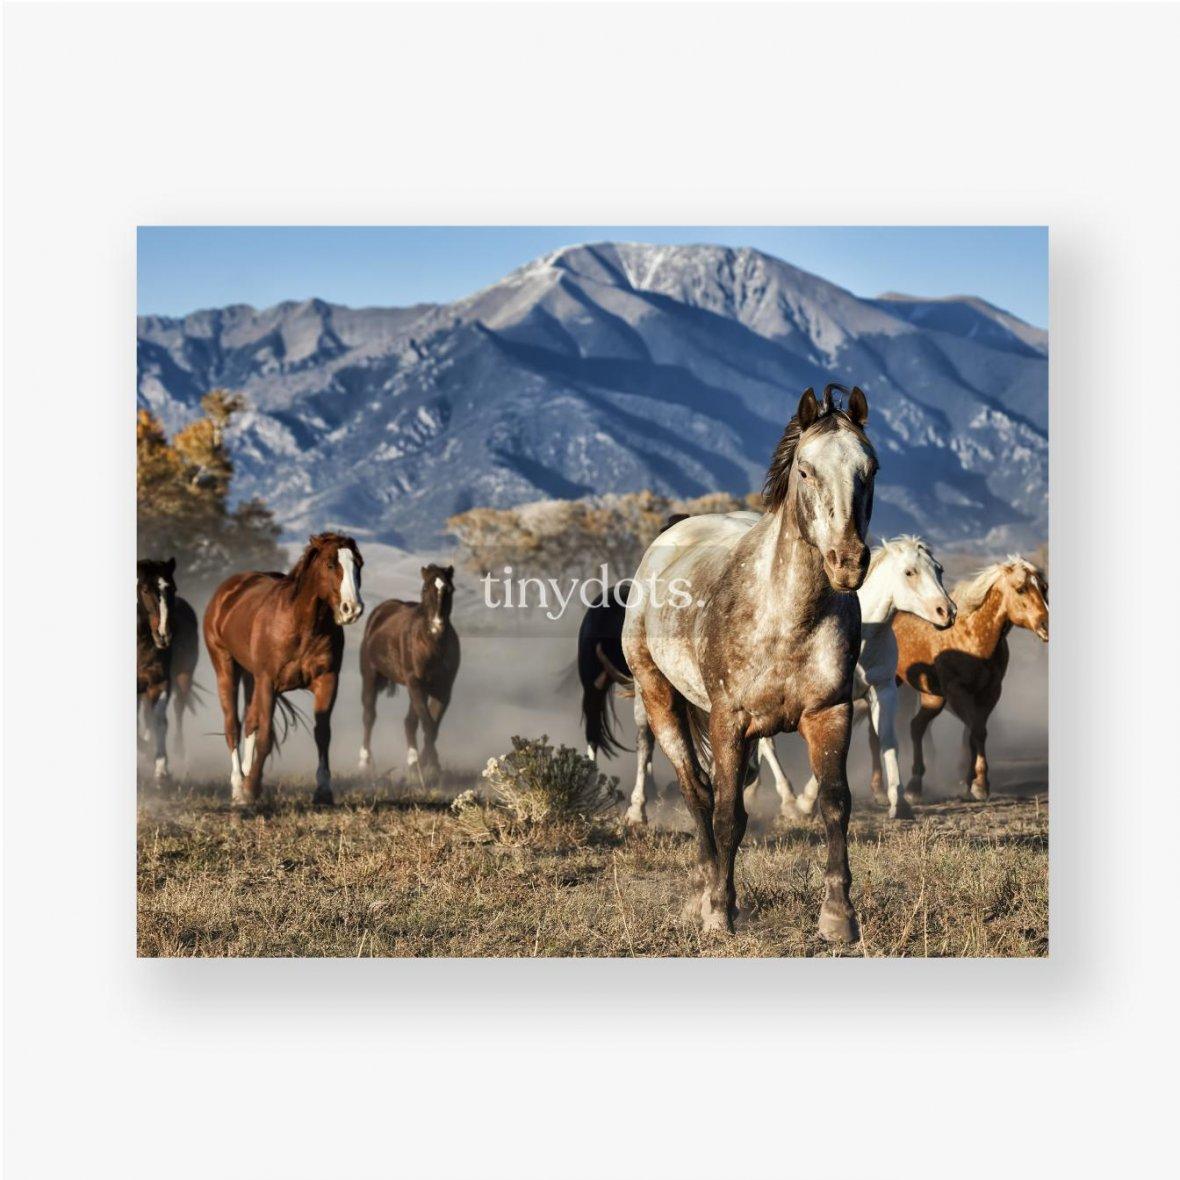 Poster Ein Anführer von Laufpferden mit Bergkulisse